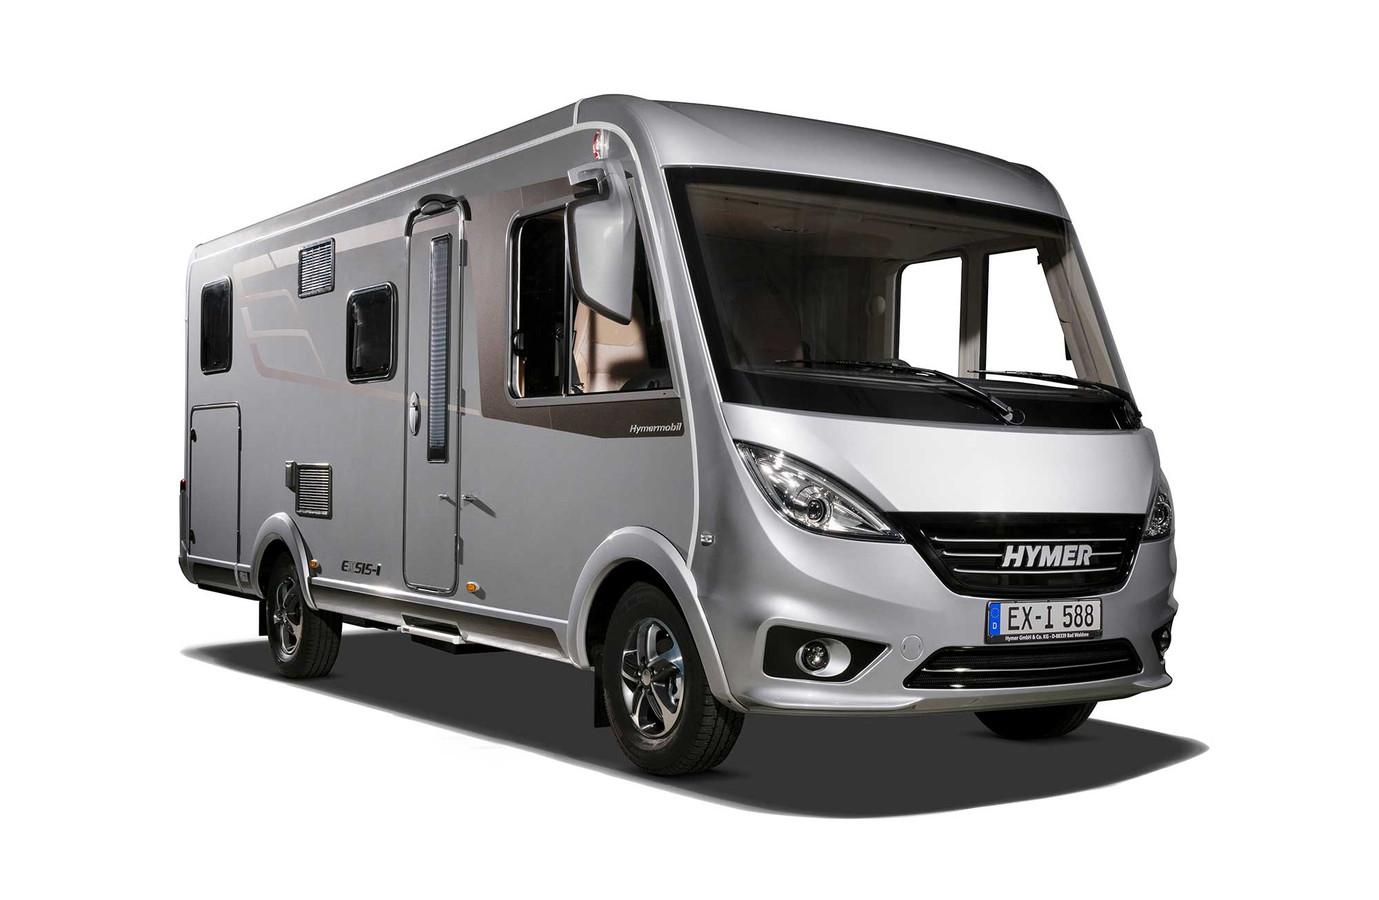 Een Duitse Hymer, 'de Mercedes onder de campers' volgens camperexpert Mickel van Erp.